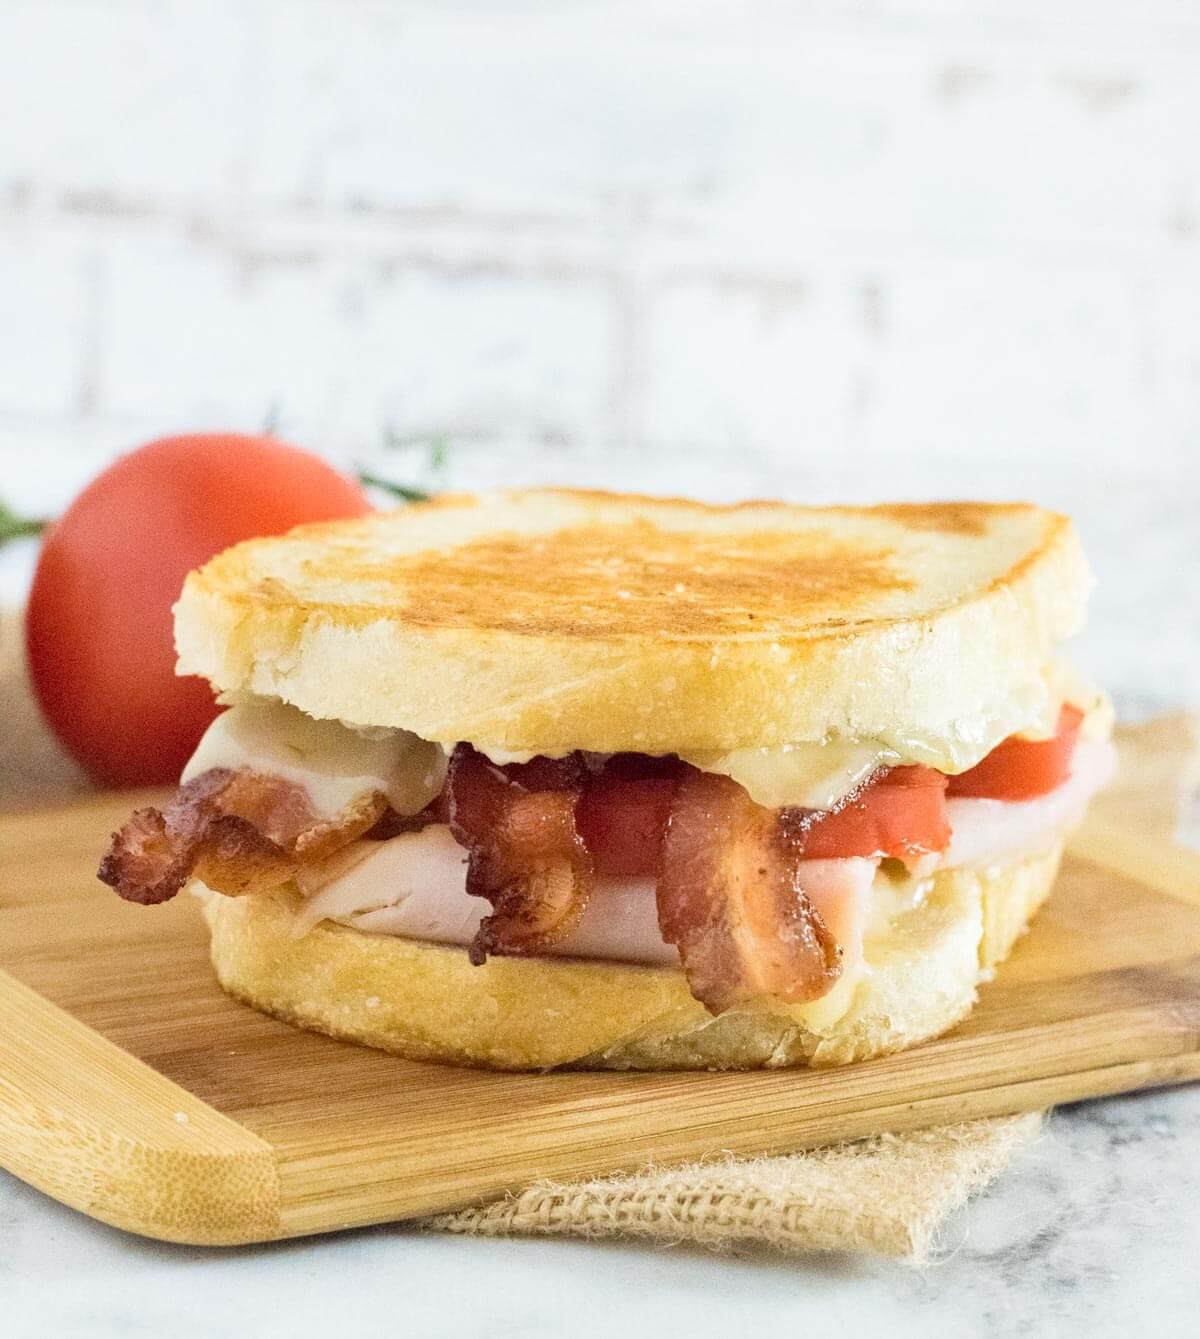 Turkey melt sandwich on cutting board.